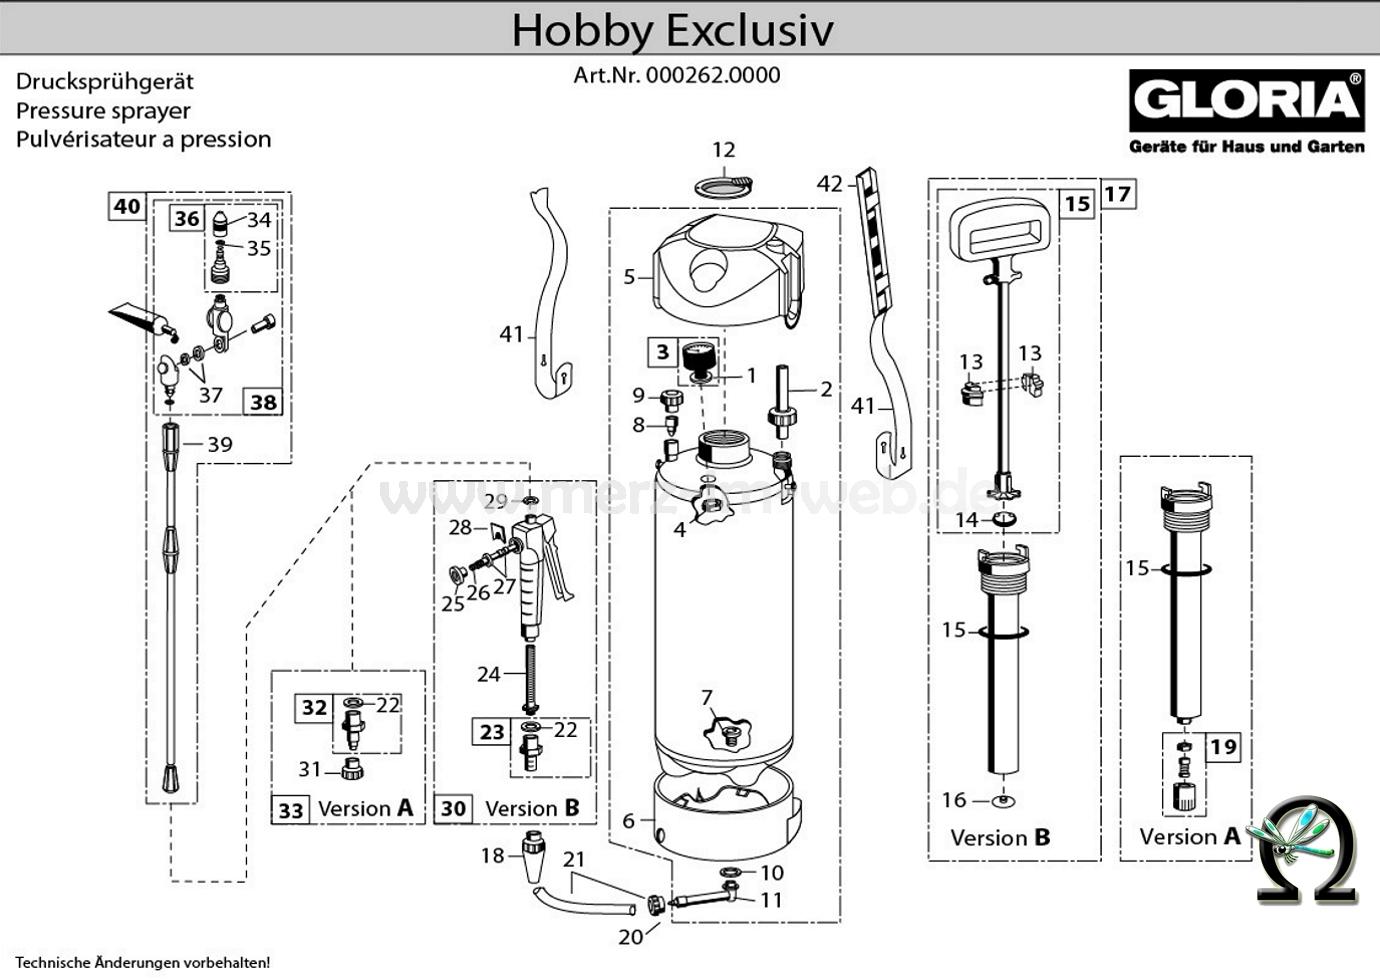 Gloria Druckspühgerät hobby exclusiv Zeichnung der Einzelteile